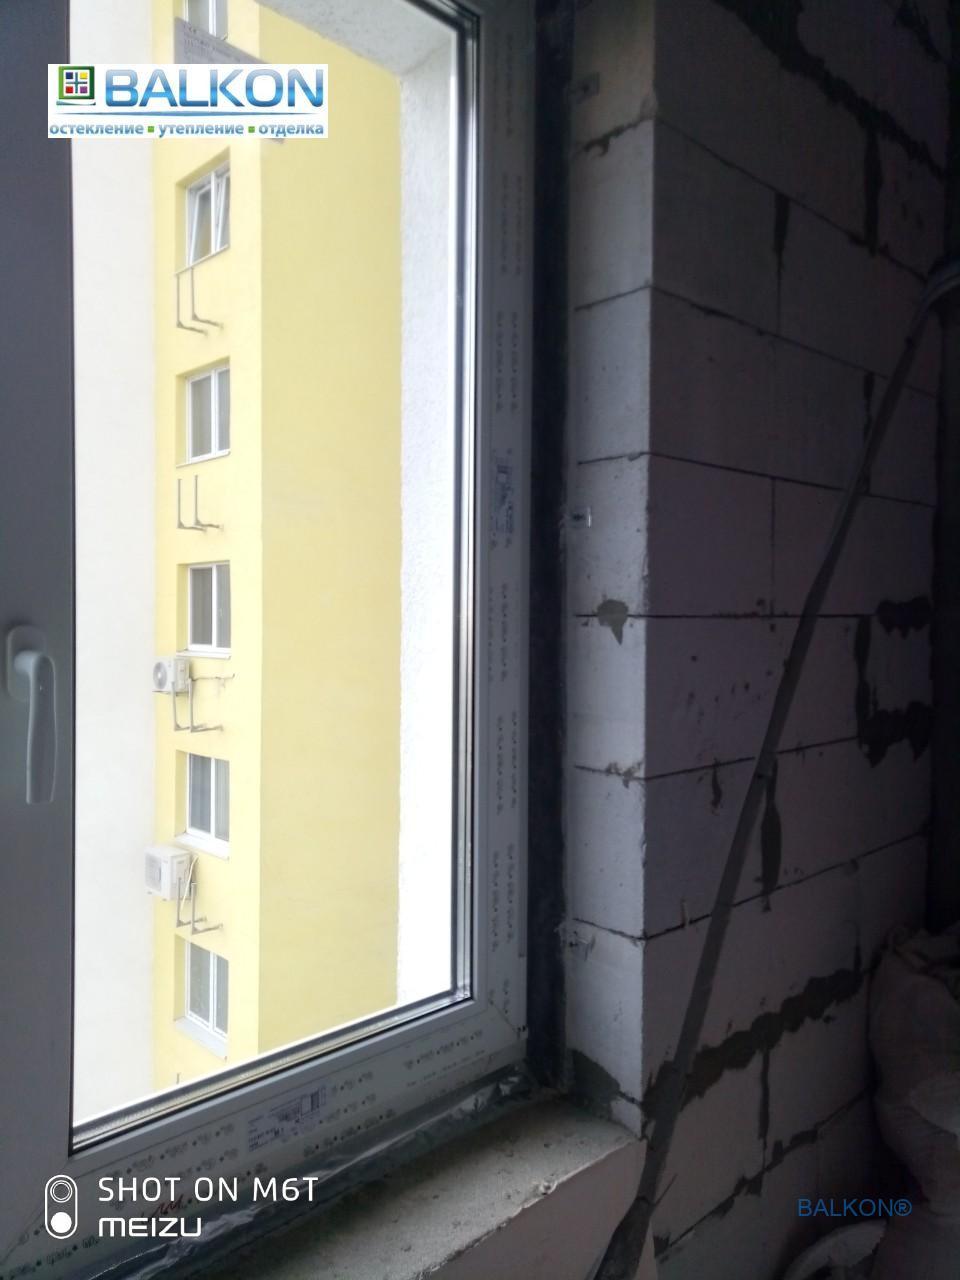 Евромонтаж пластиковых окон в Киеве на ул. Вацлава Гавела 9а